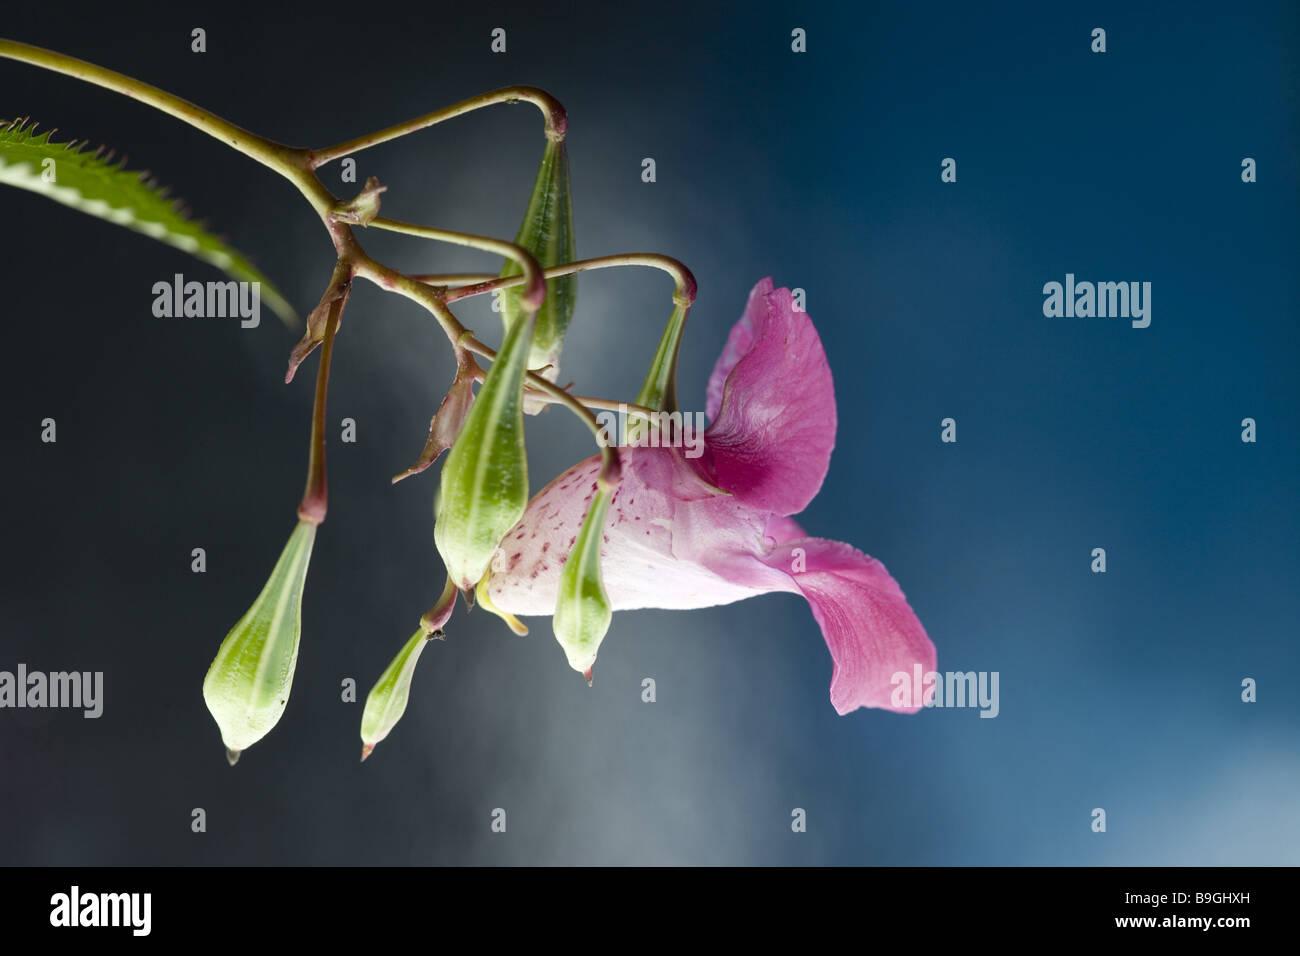 """Indische Röhricht-Impatiens Glandulifera Detail blühende Samen """"Kapseln"""" Emscherorchidee """"Gartenpflanzen Alternative Stockfoto"""